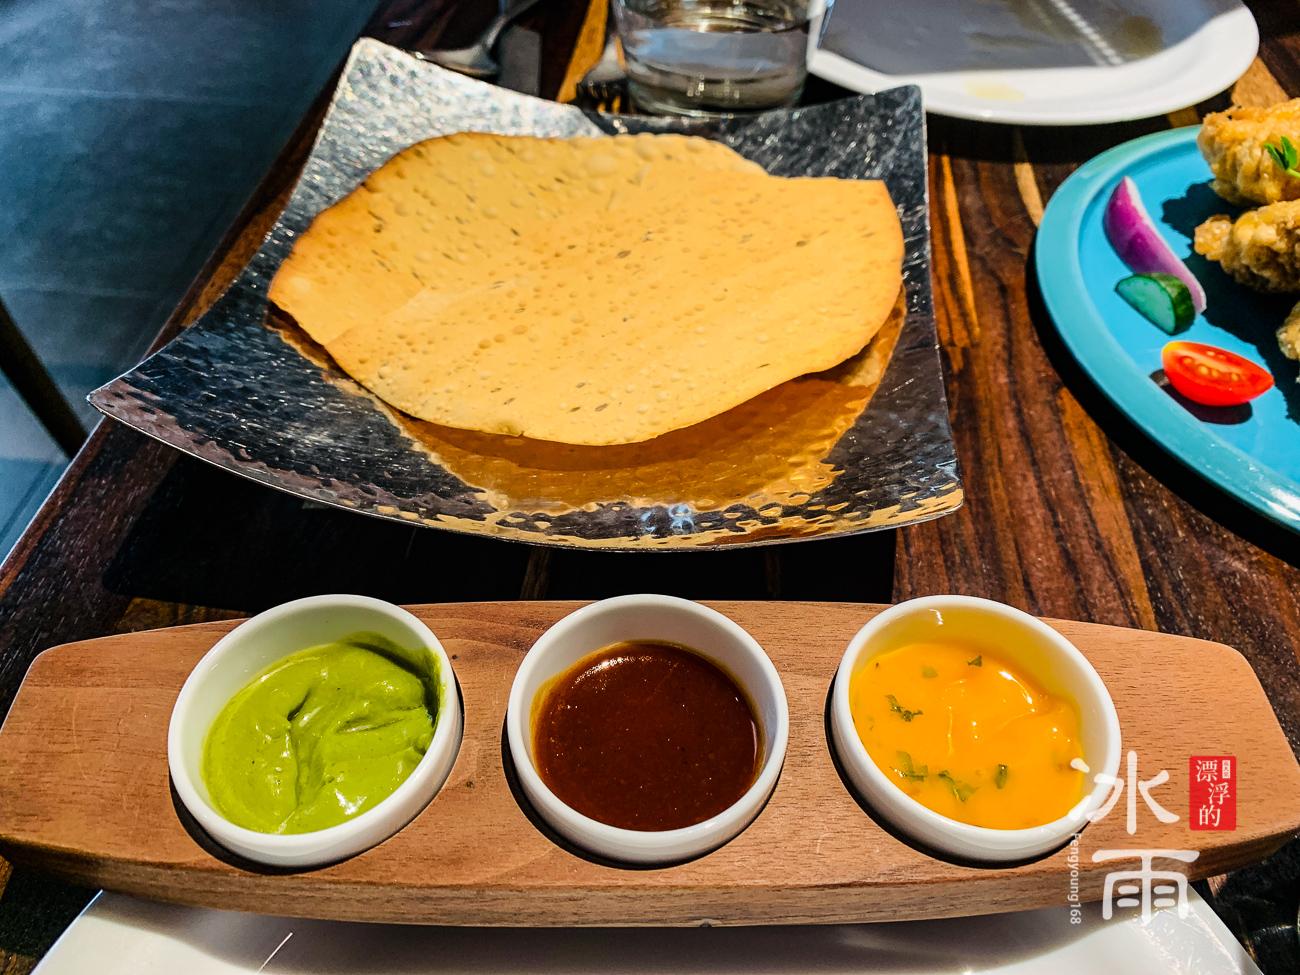 香料屋印度料理 招待的烤餅